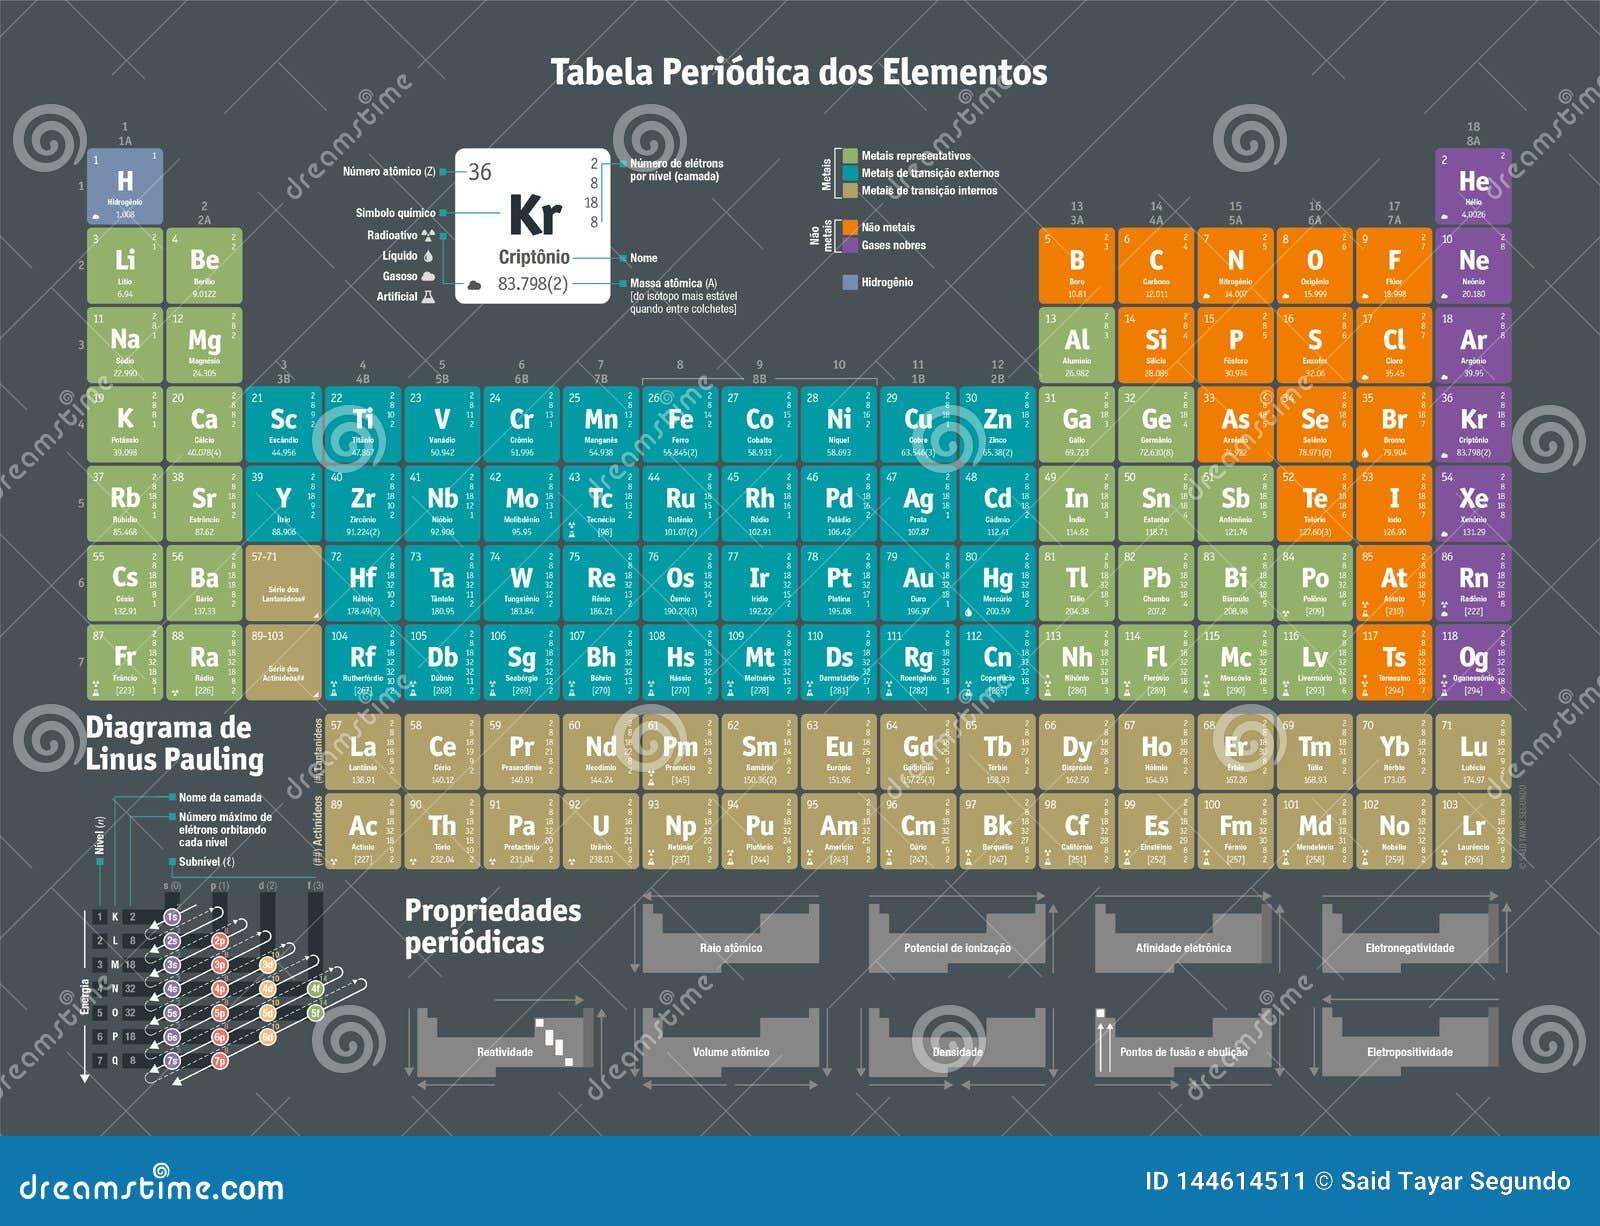 Tabella periodica degli elementi chimici - versione portoghese